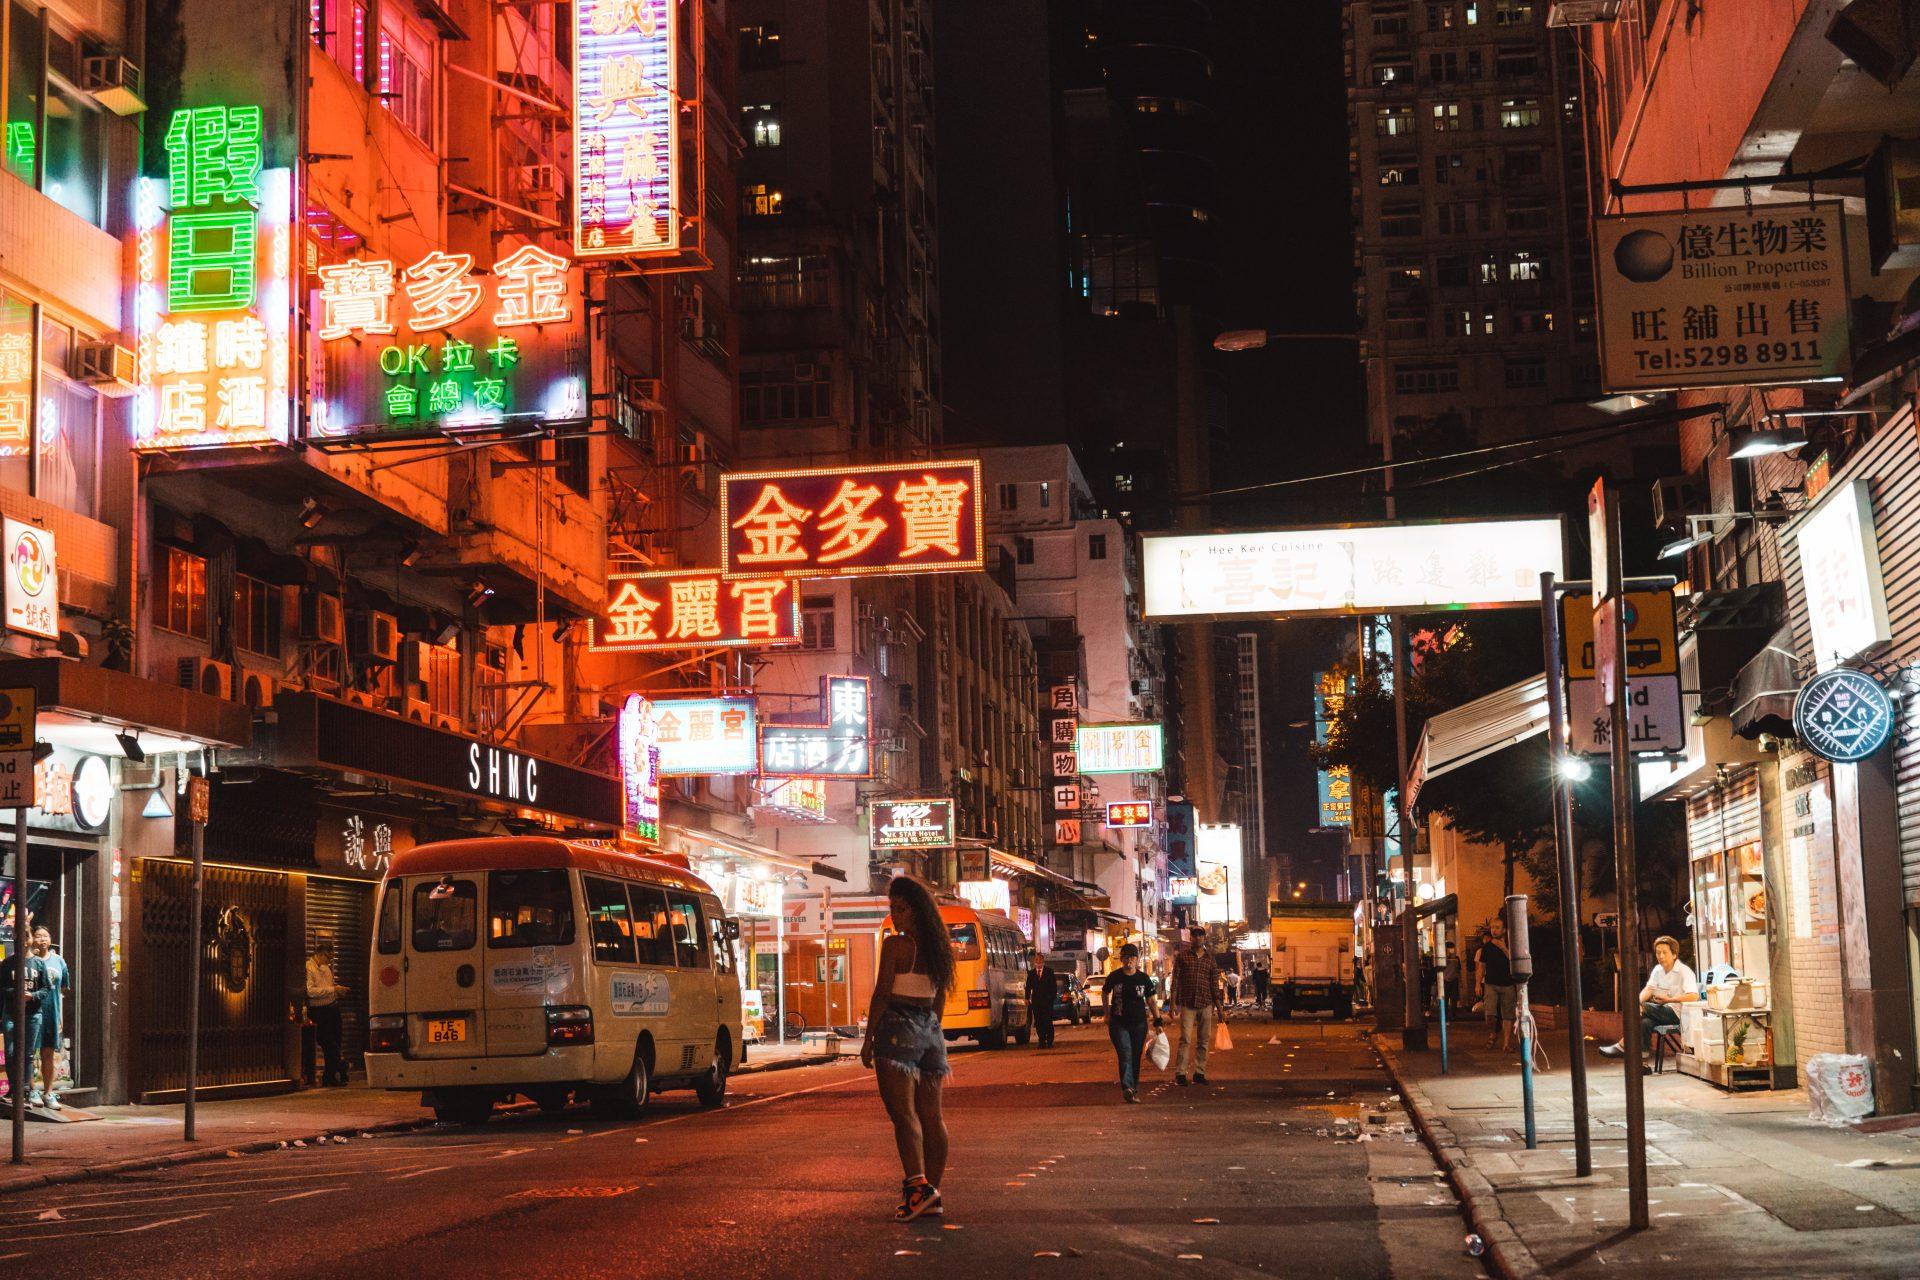 Qué hacer Hong Kong 7 días